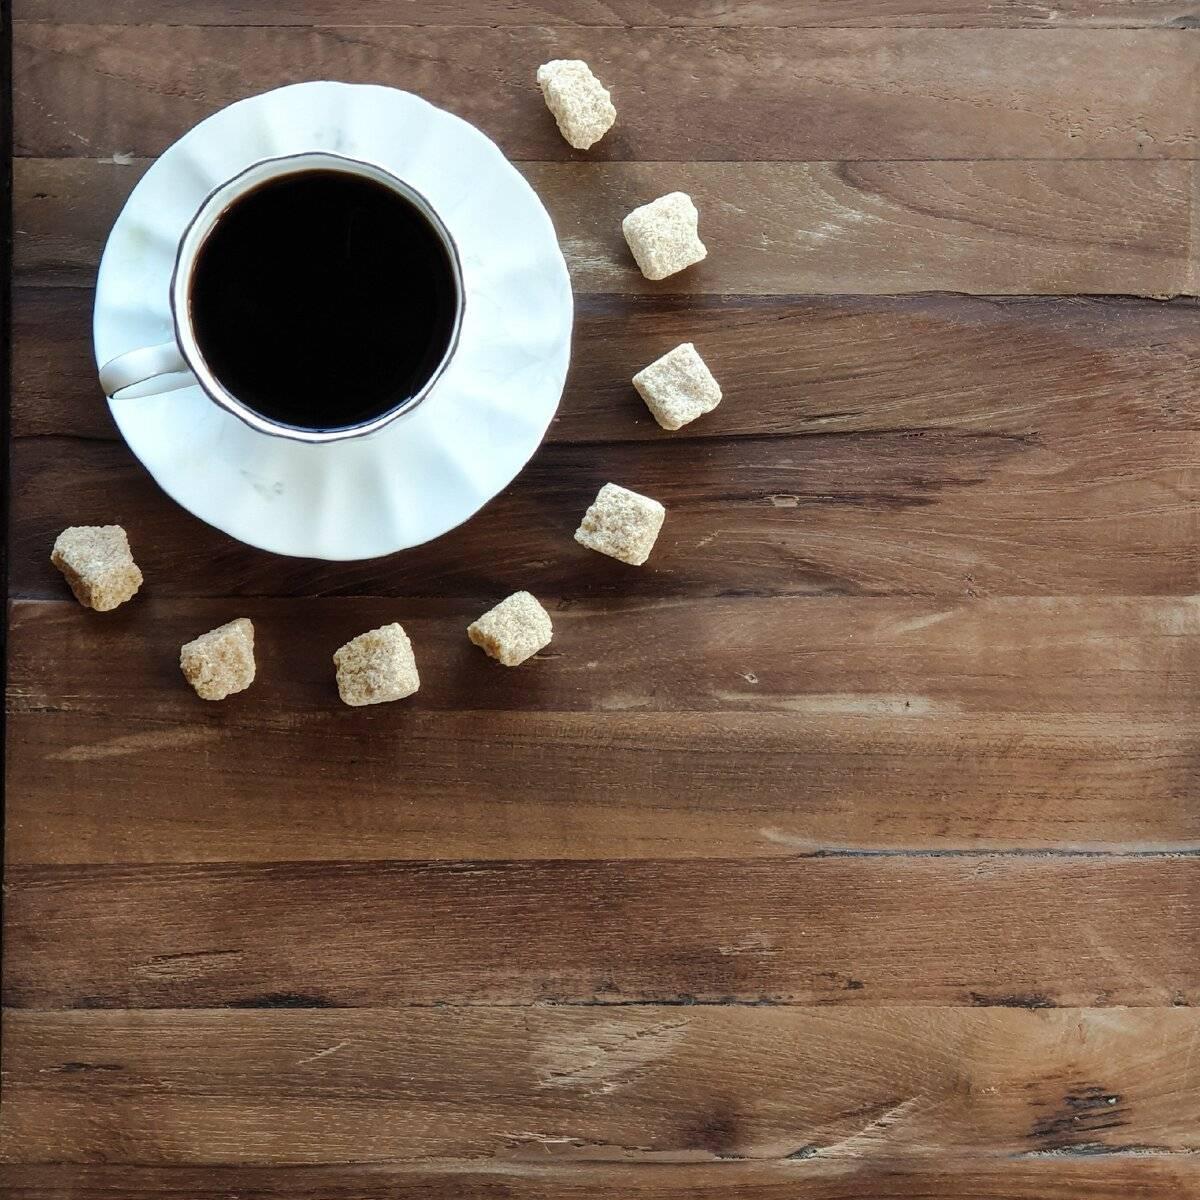 Кофе с перцем, лучшие рецепты, варианты с корицей и острым перцем